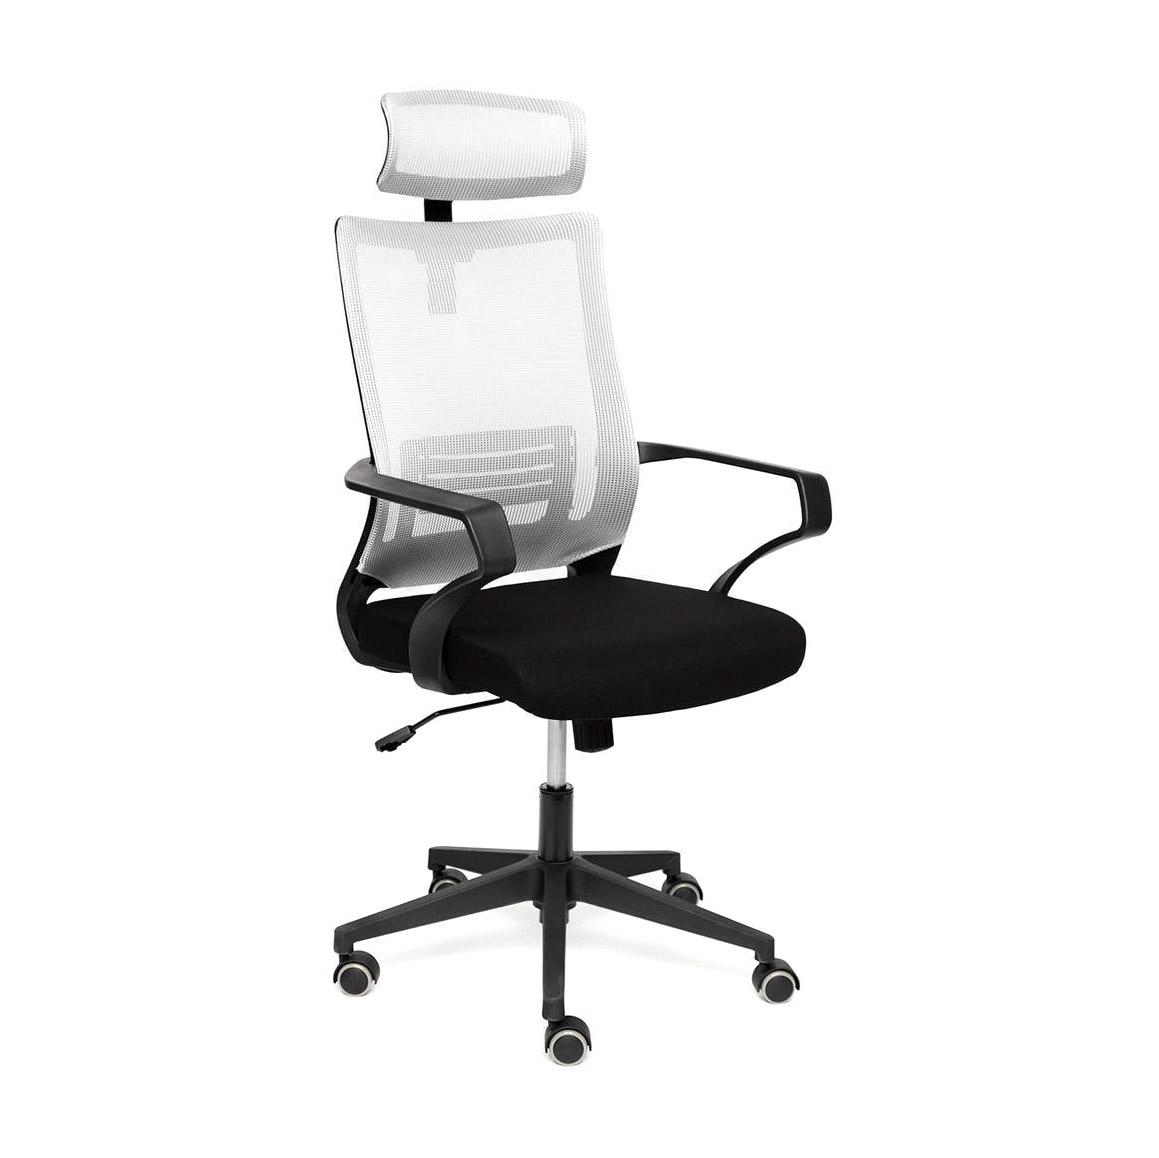 Кресло компьютерное TC черный/серый 108х60х47 см